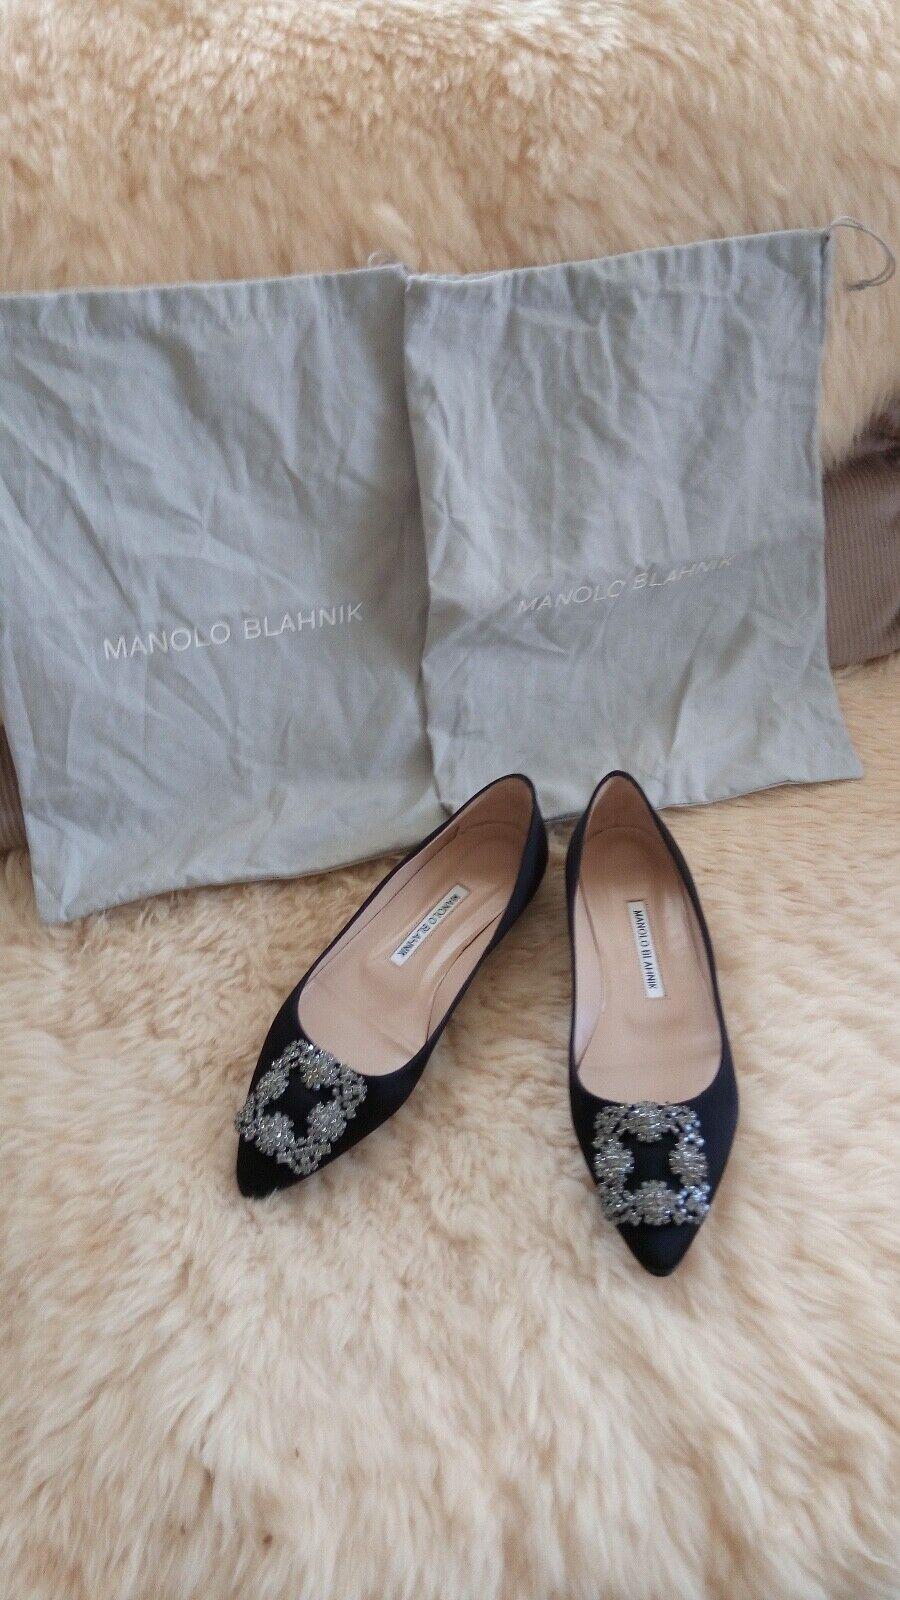 Manolo  Blahnik Satin Fabric scarpe Hangisi Rhistone Buckle Dimensione 37  marchi di stilisti economici